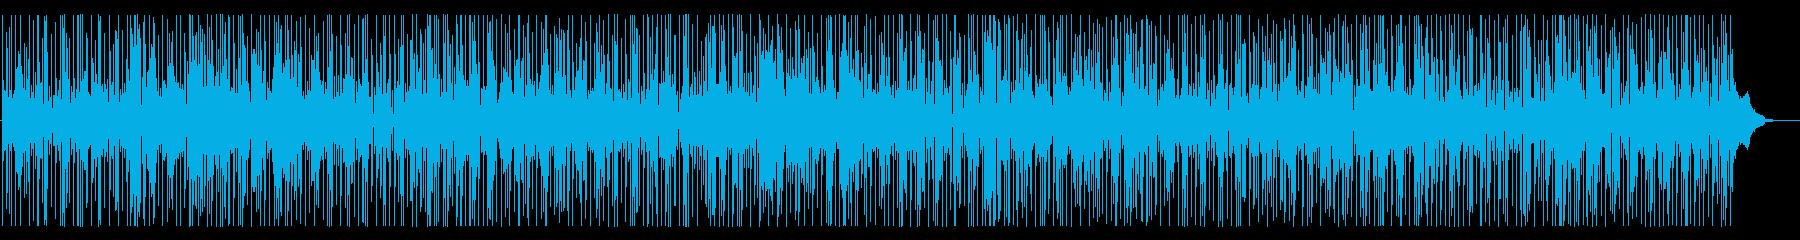 踊れるファンクジャズ・ノリノリ・管楽器の再生済みの波形